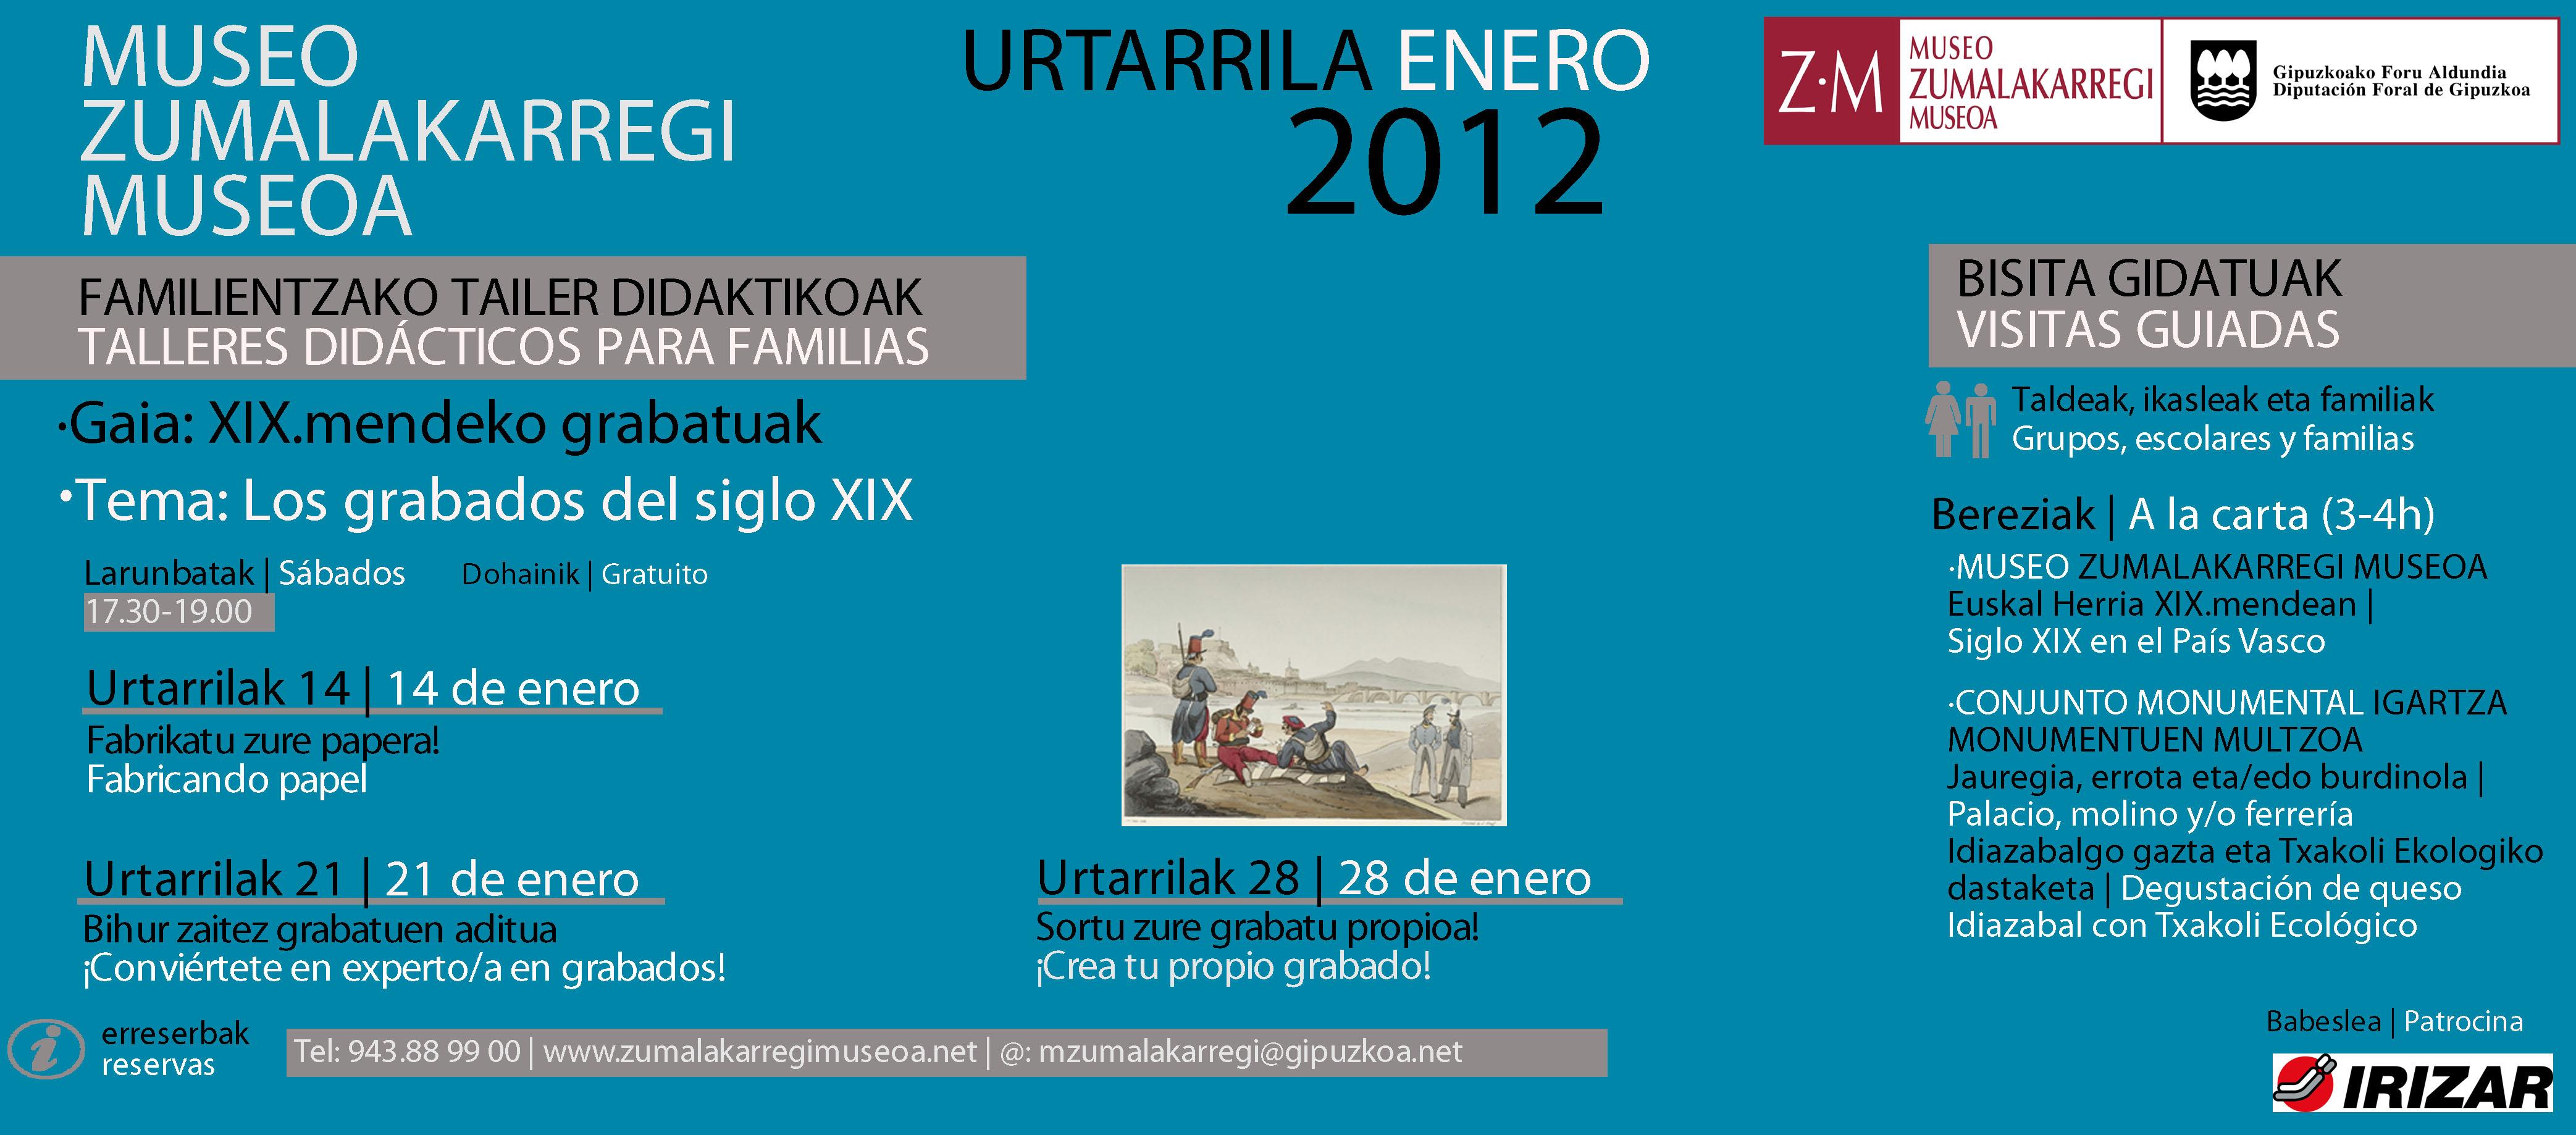 2012 Urtarrila